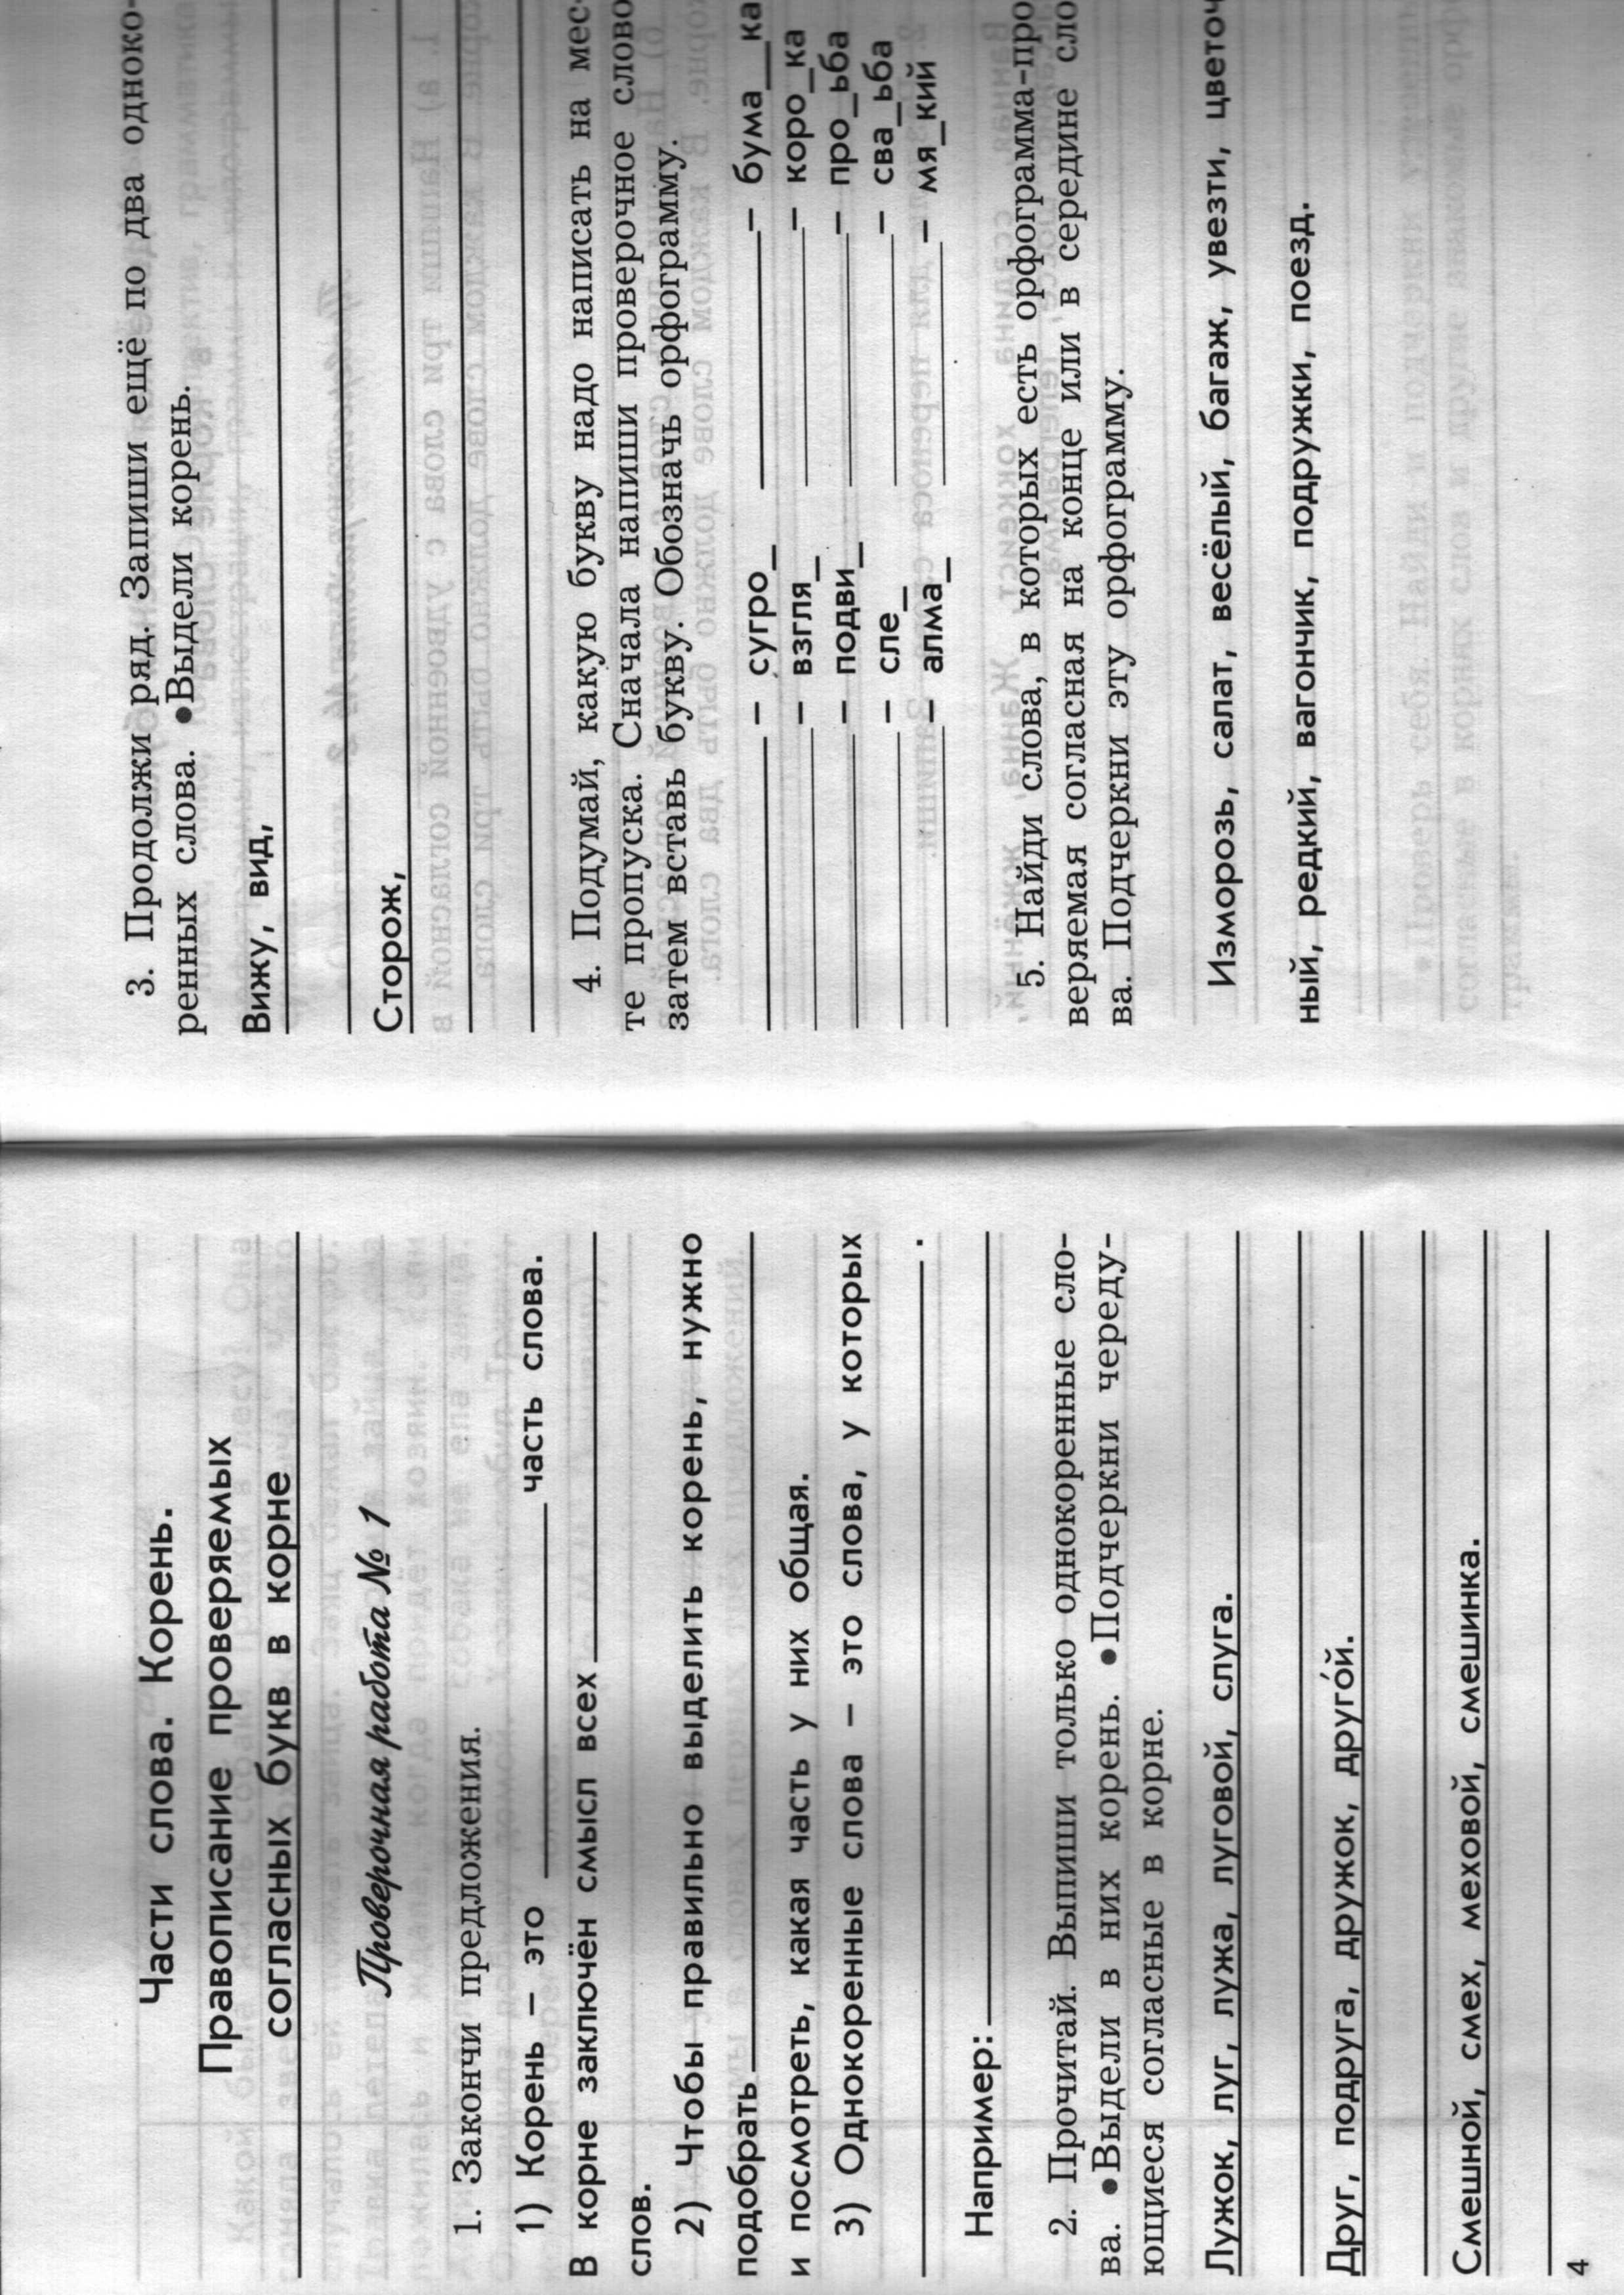 Скачать контрольный диктант по русскому языку 4 класс 1 полугодие бунеев